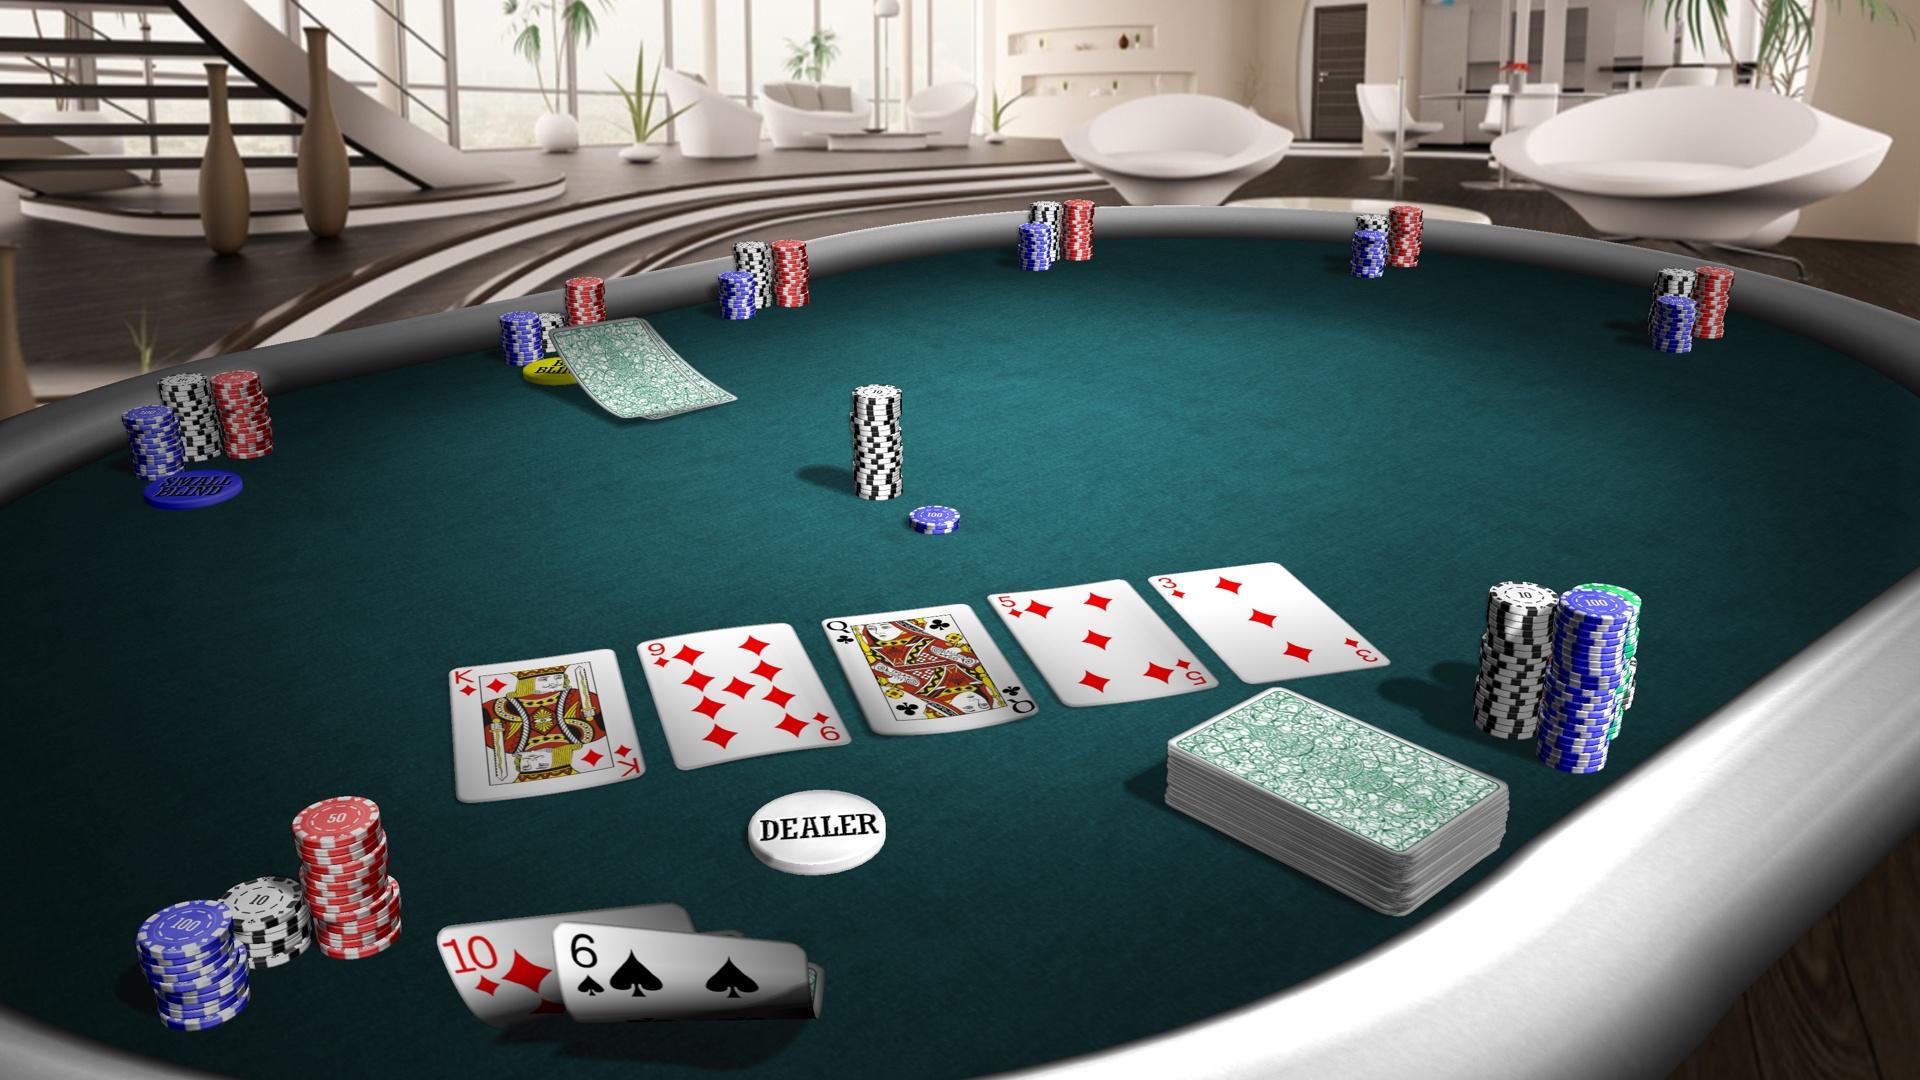 Trik Mengoptimalkan Idn Poker Apk Untuk Keuntungan Besar